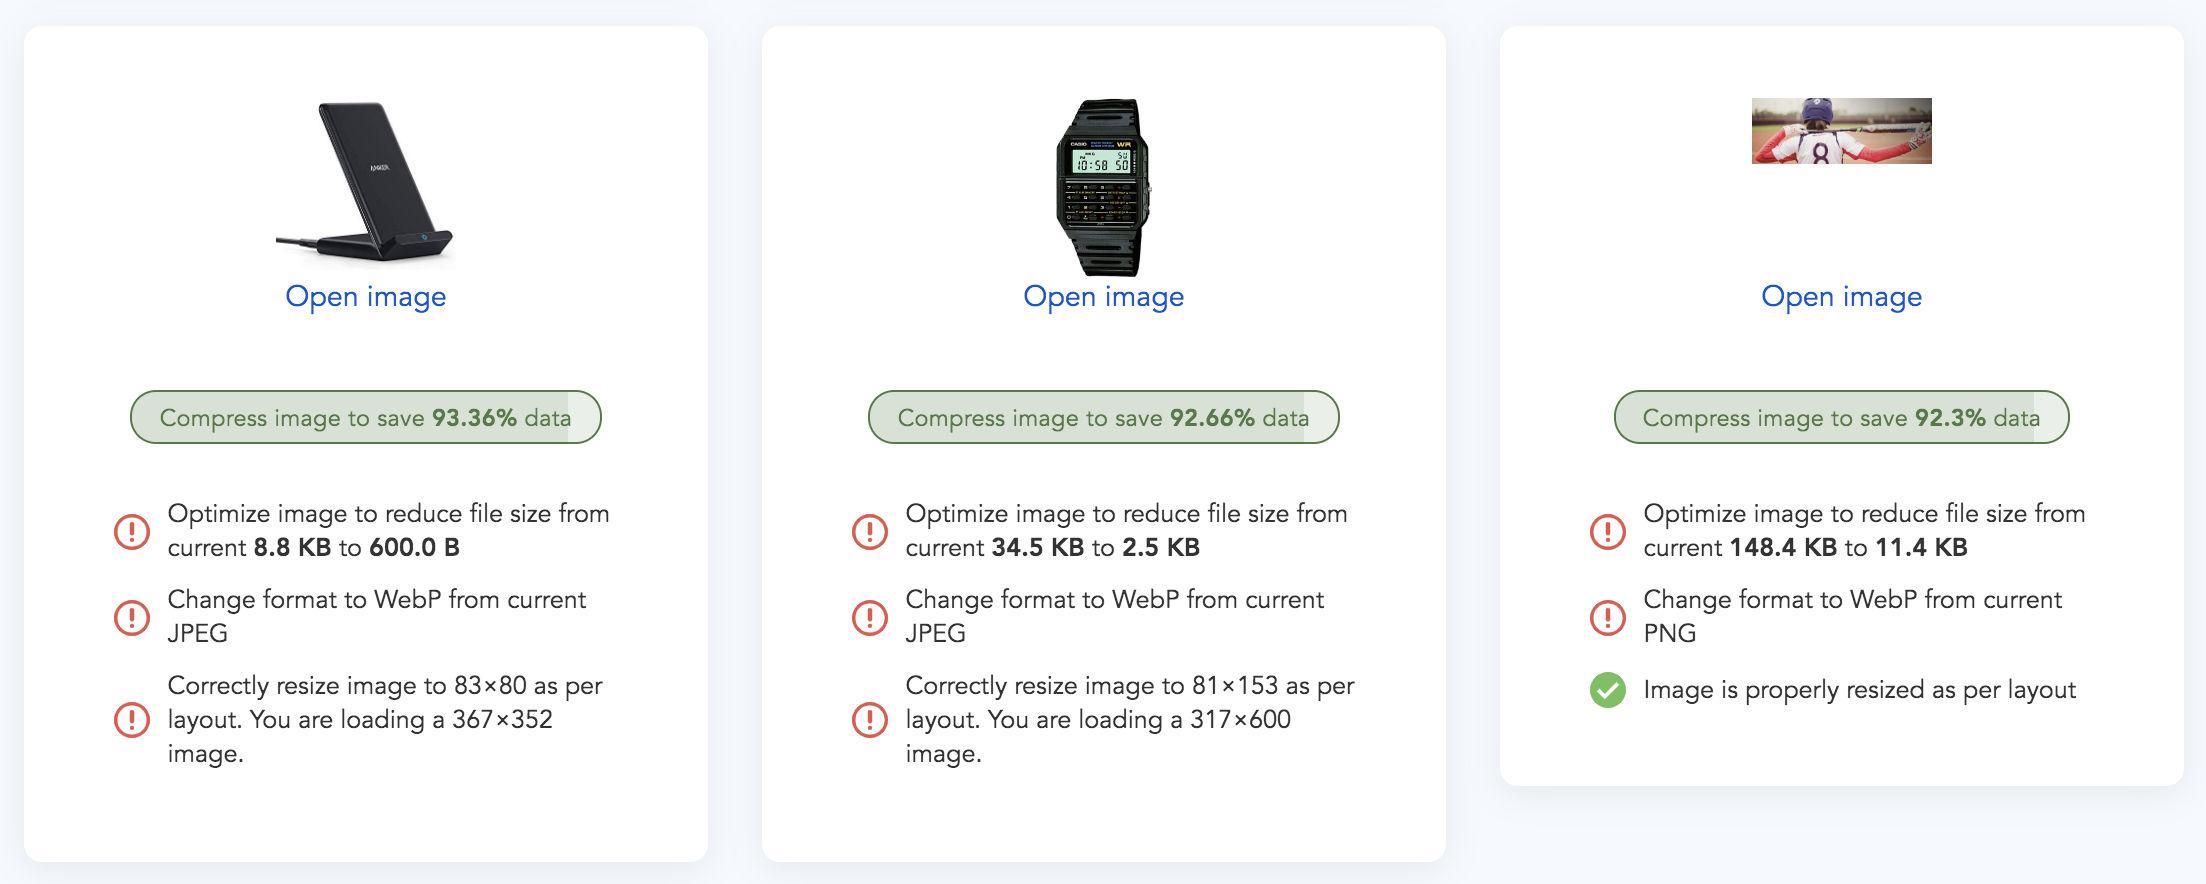 website result for website image analysis